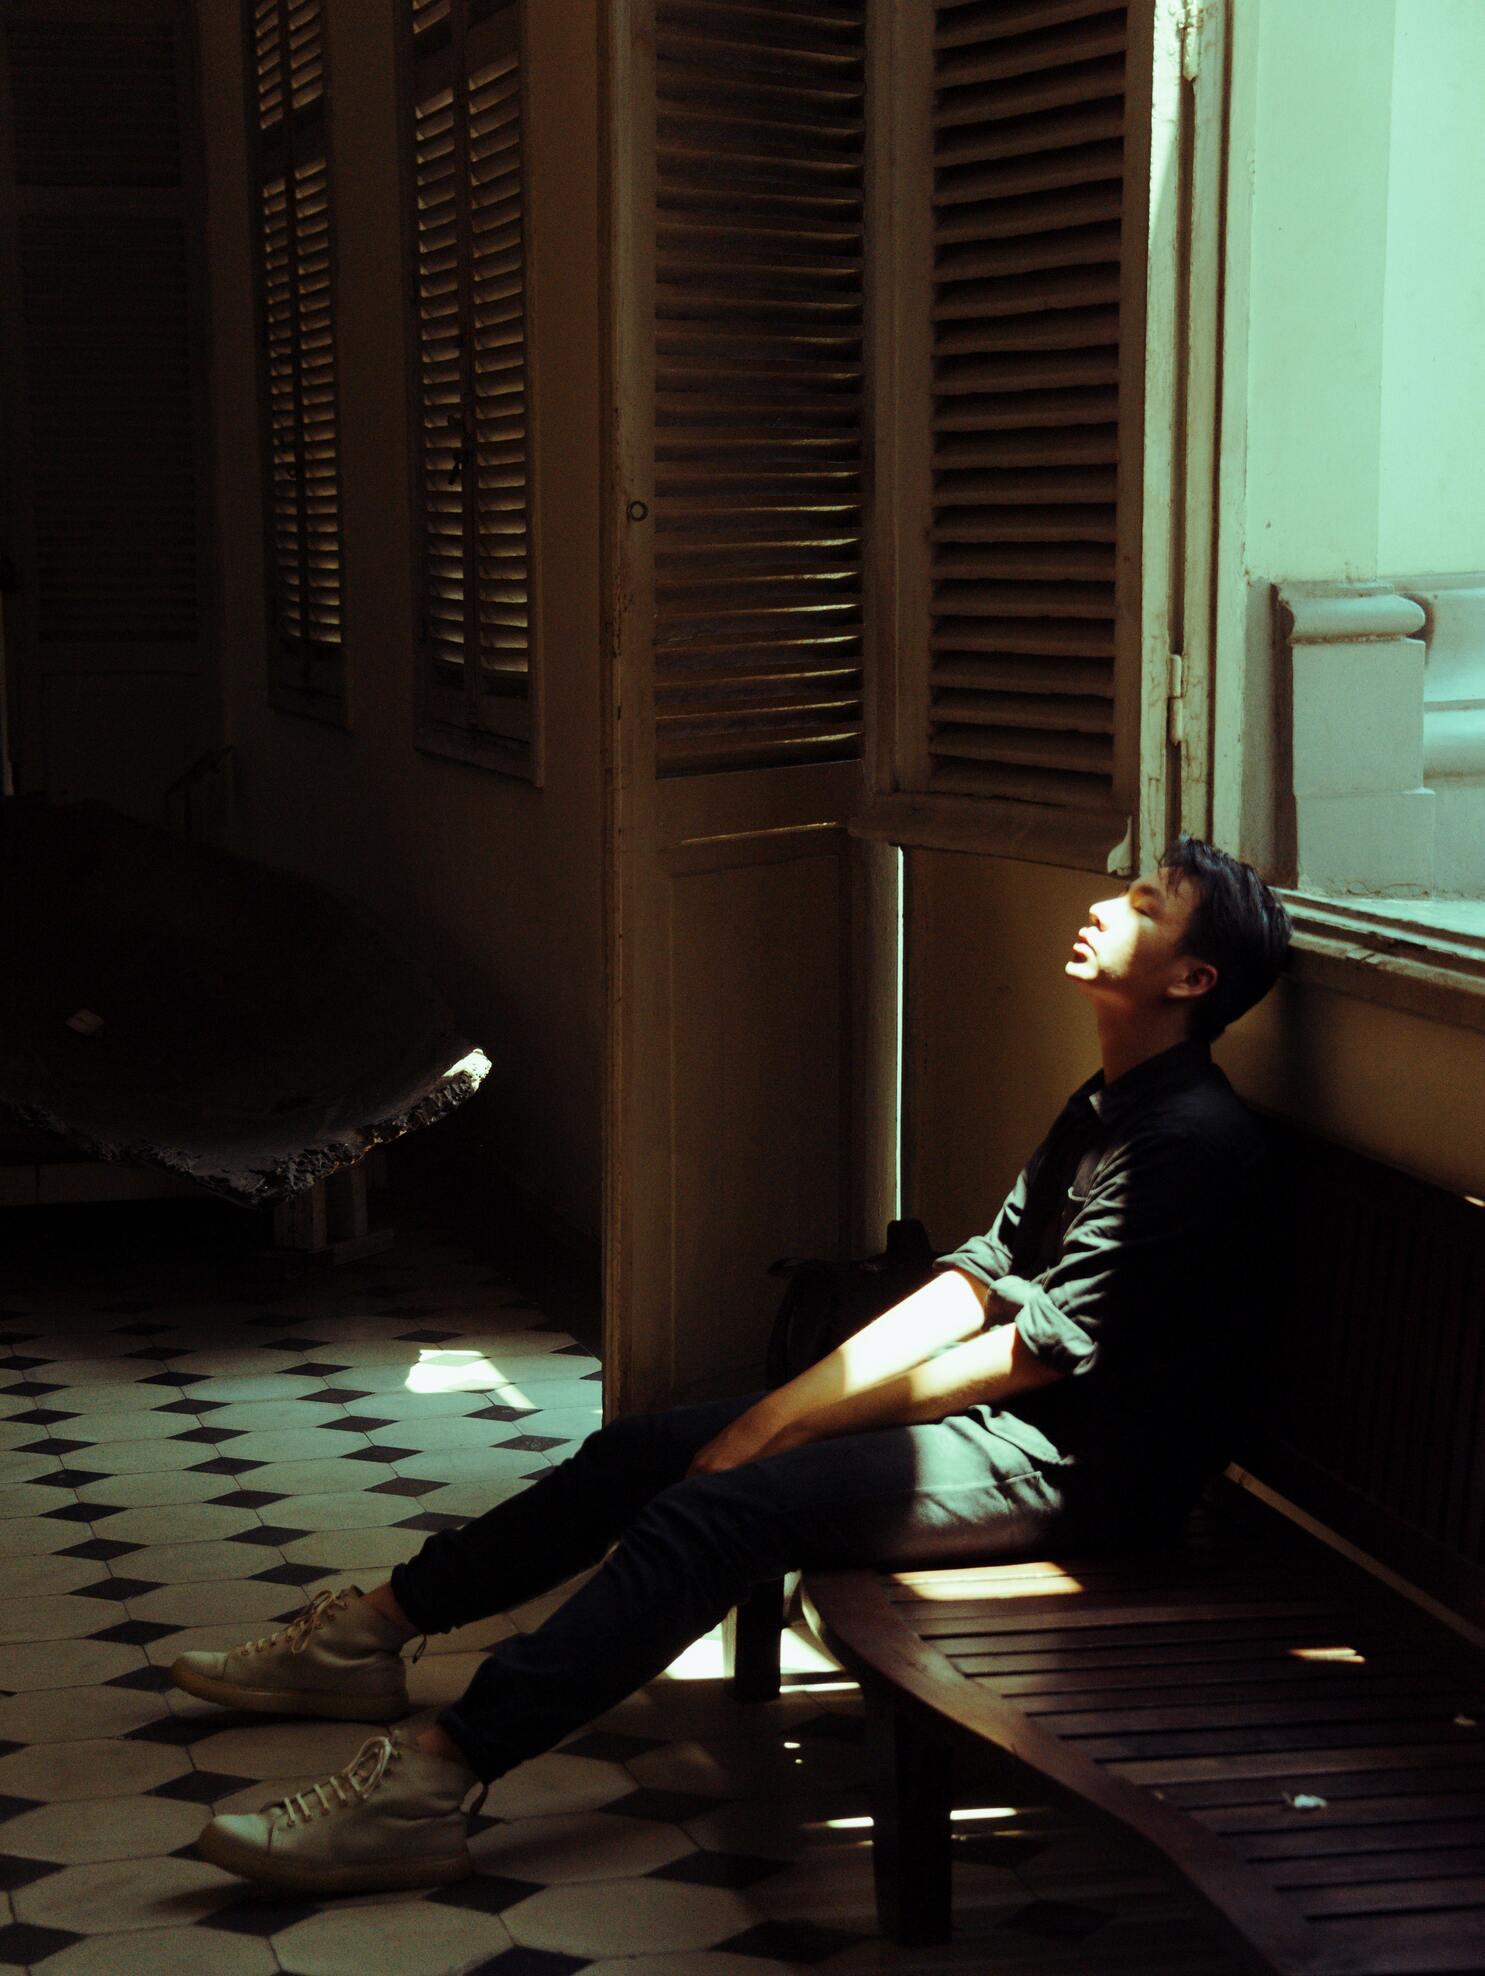 Hình ảnh chàng trai buồn và cô đơn